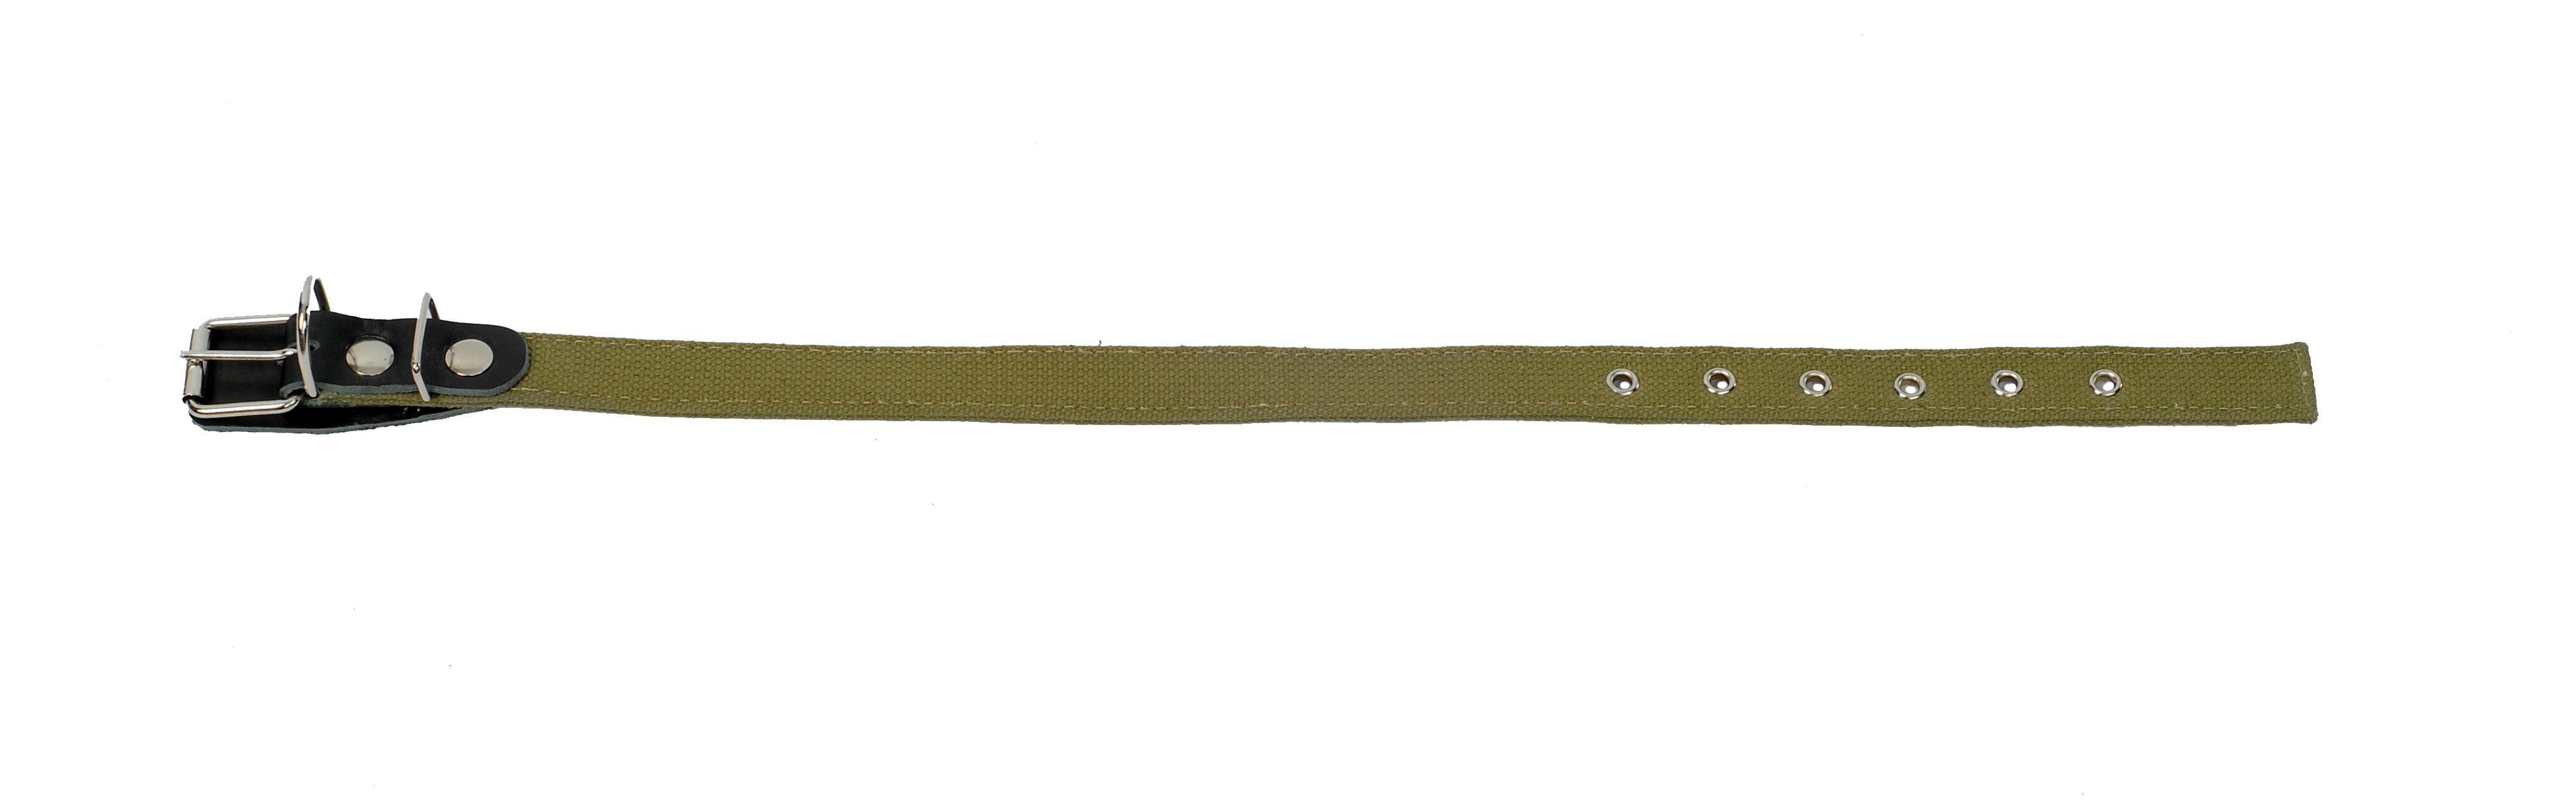 ошейник 20 двойной брезент о20дб (32-44 см х 20 мм) Kormberi.ru магазин товаров для ваших животных